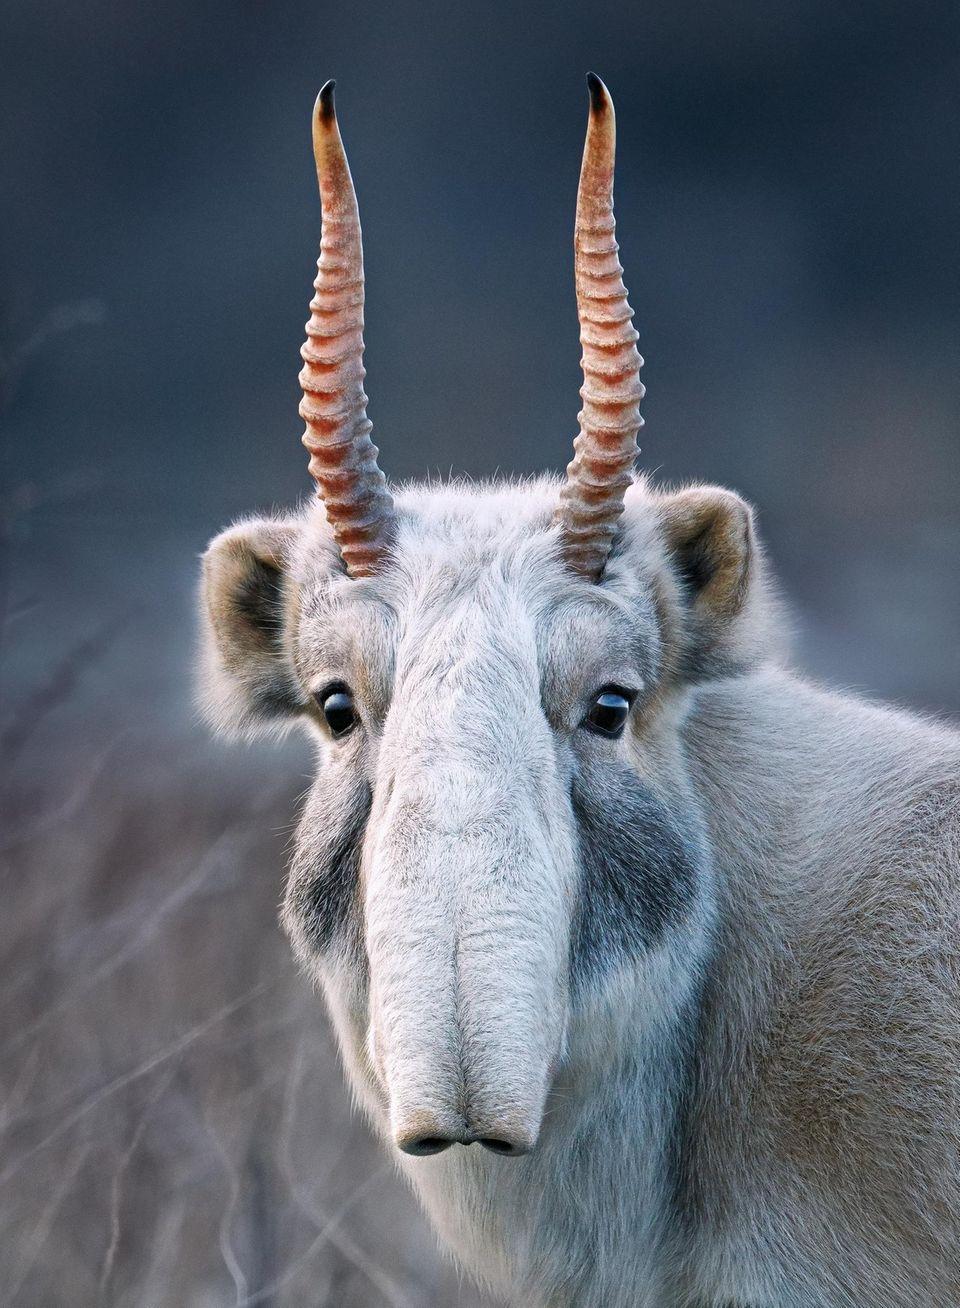 Blickfang. Eine männliche Saiga-Antilope in Kasachstan. Einst fast ausgerottet, wächst der Bestand der Tiere wieder.